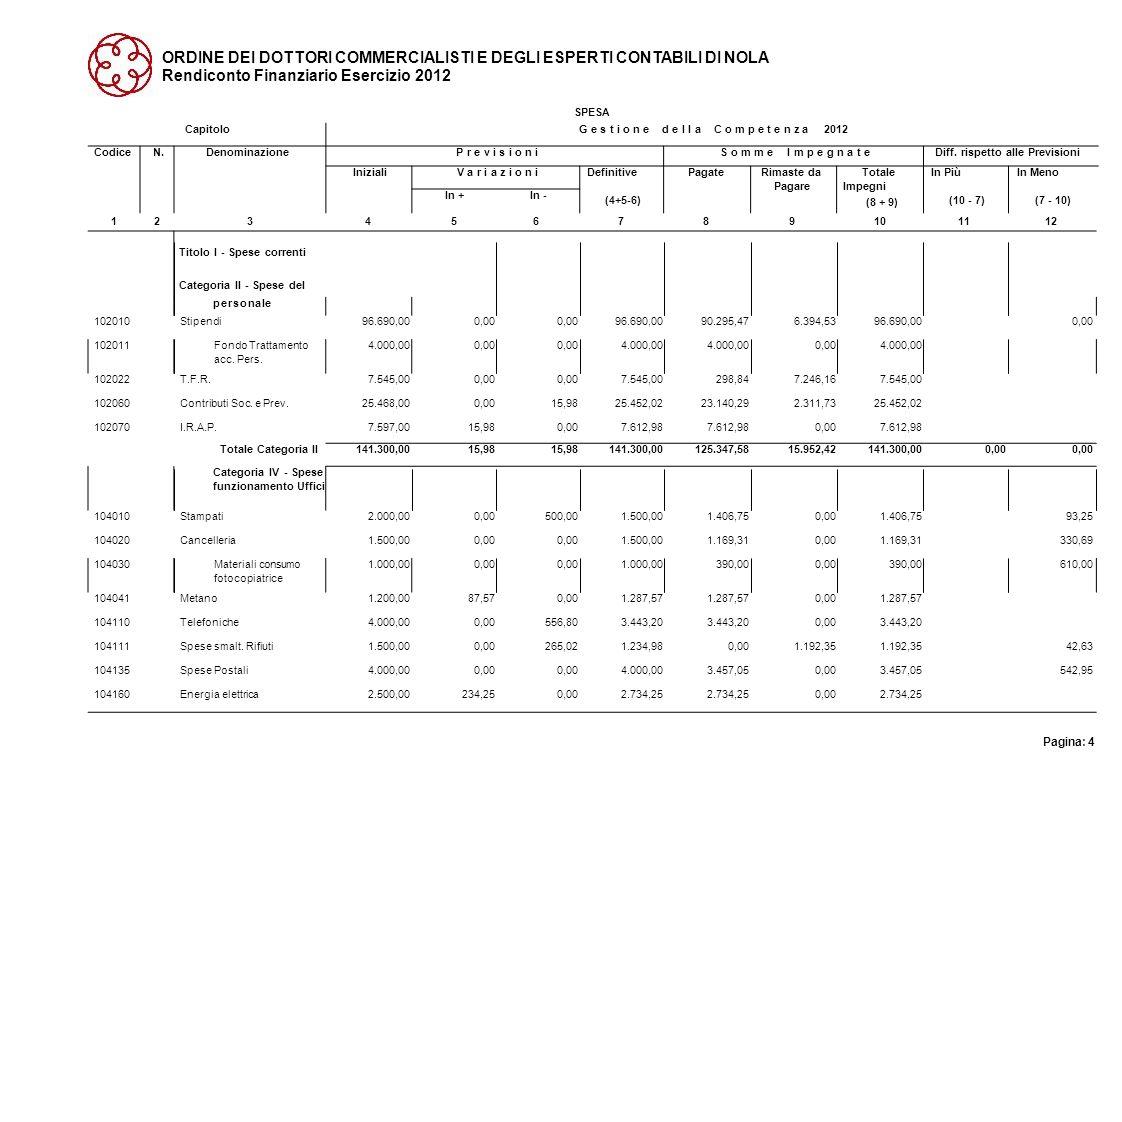 ORDINE DEI DOTTORI COMMERCIALISTI E DEGLI ESPERTI CONTABILI DI NOLA Rendiconto Finanziario Esercizio 2012 SPESA 123456789101112 Pagina: 4 CapitoloG e